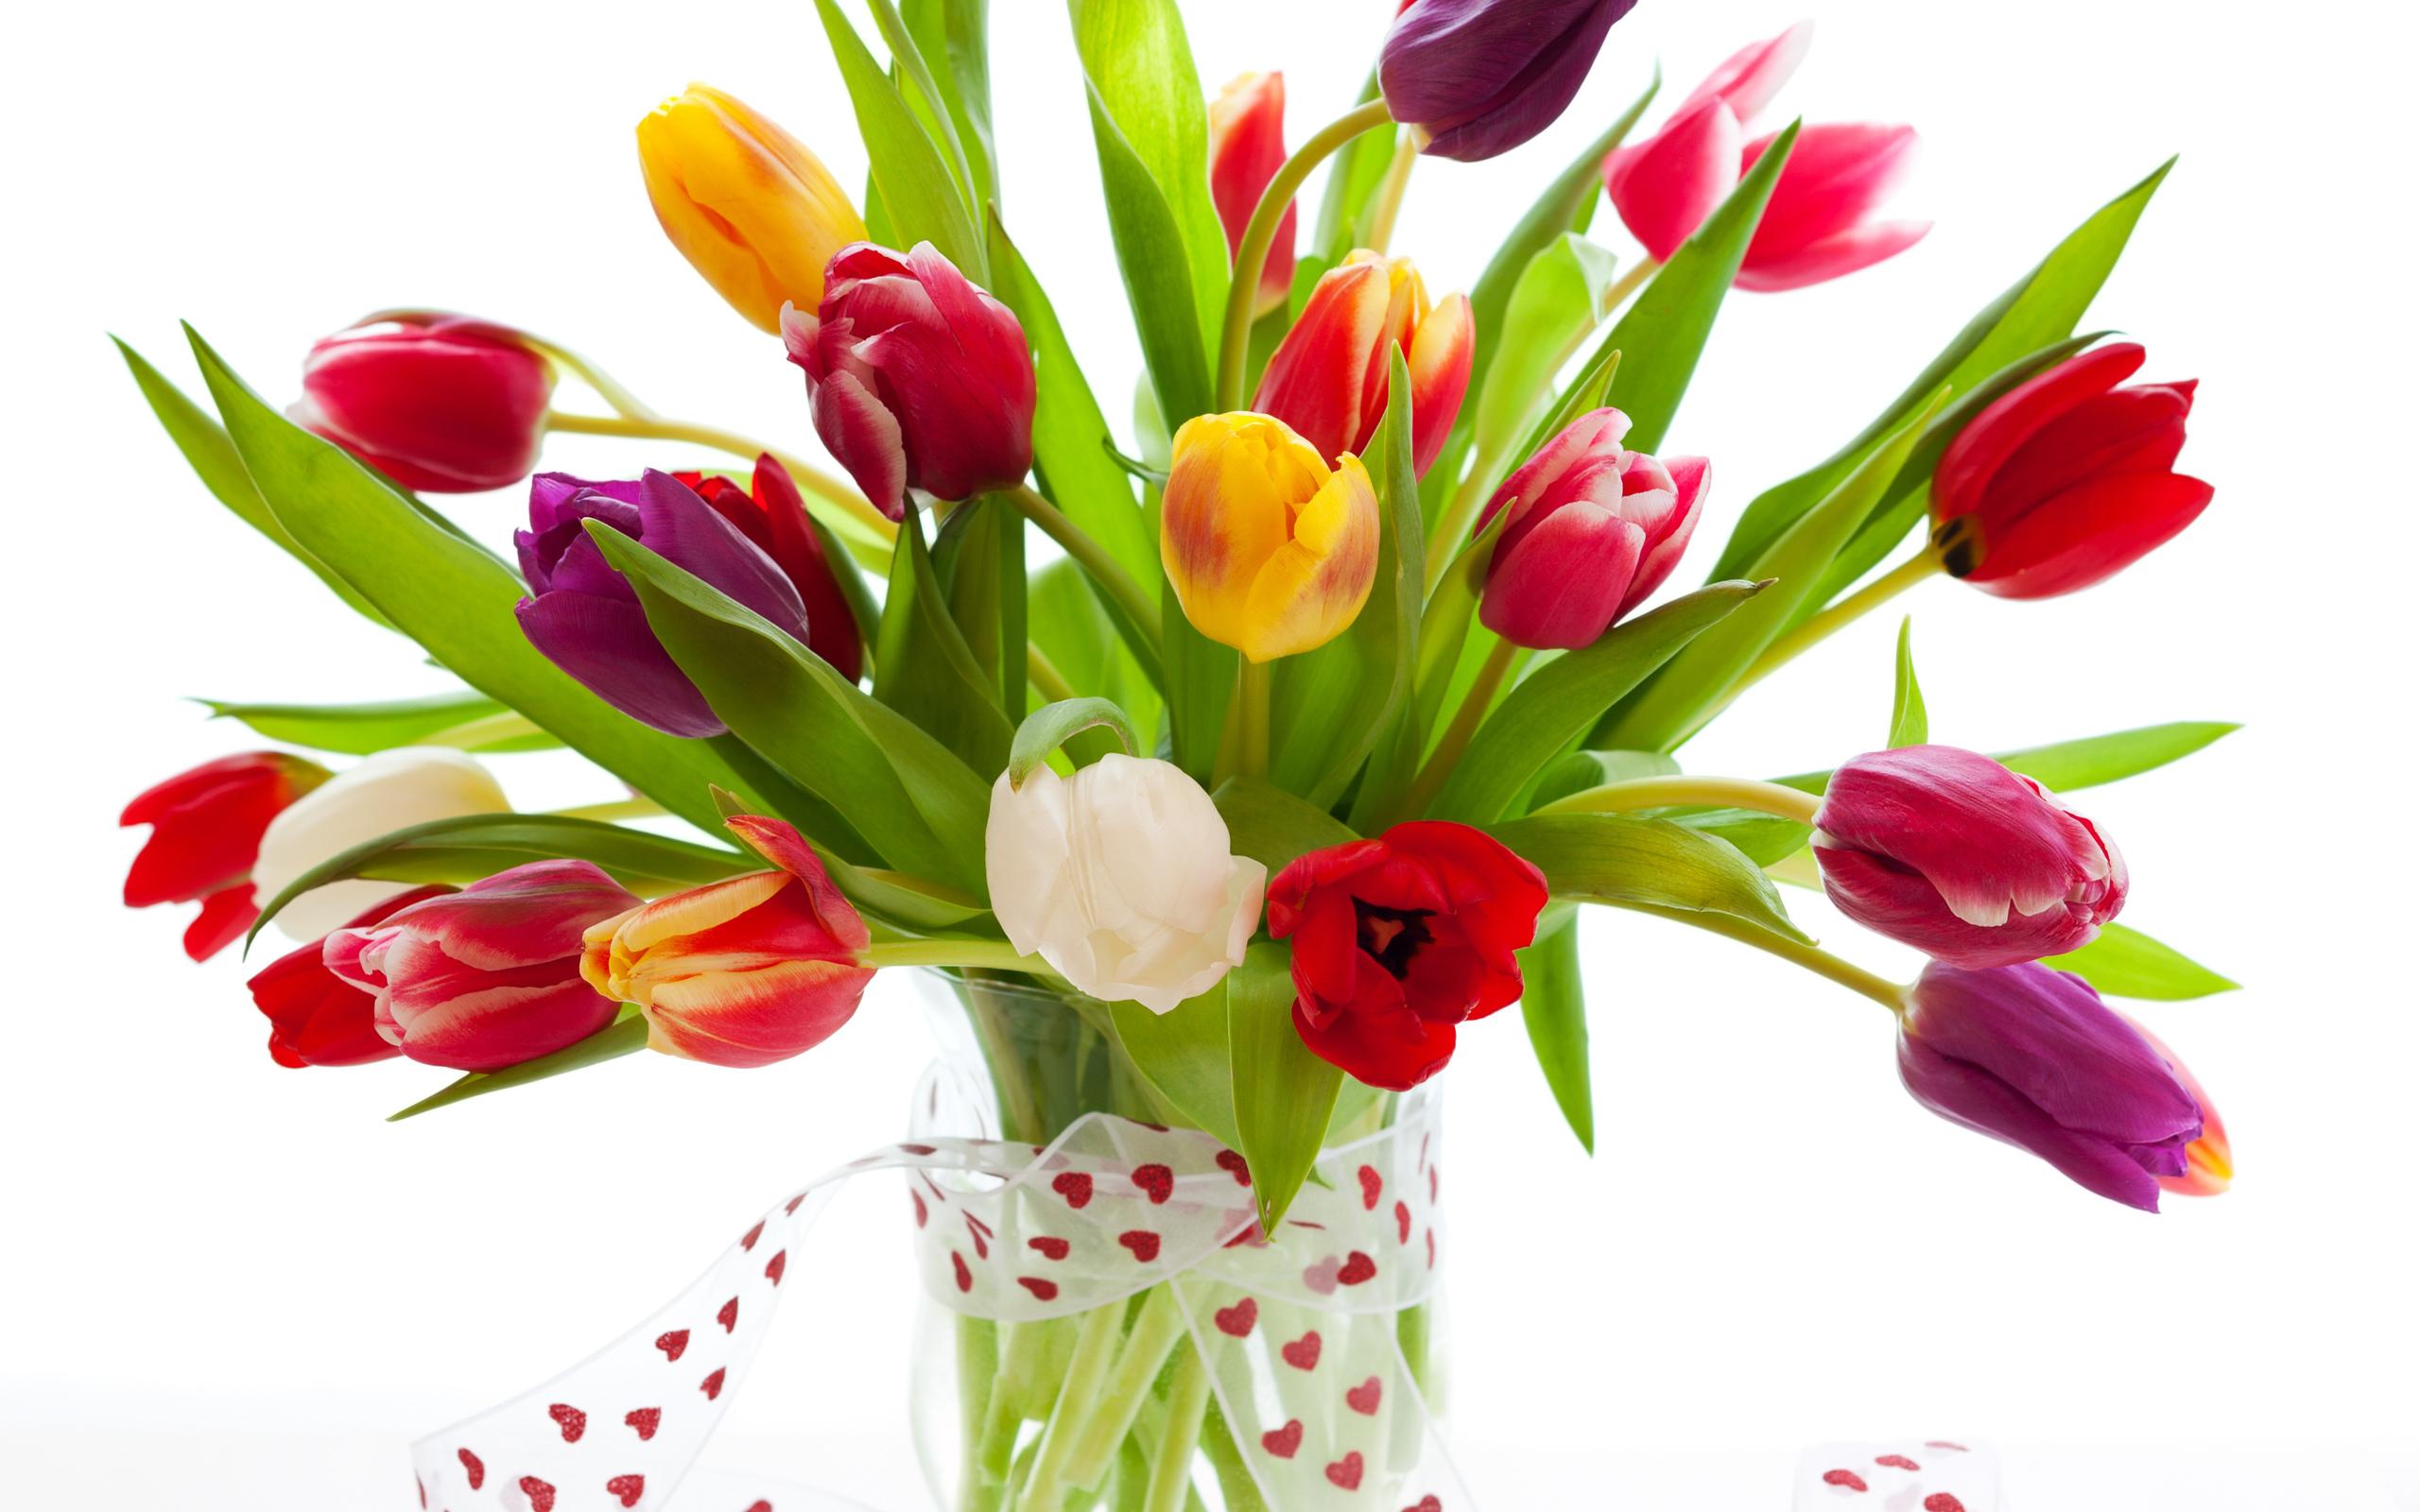 Тюльпаны Тюльпаны Тюльпаны ПОСАДКА и УХОД